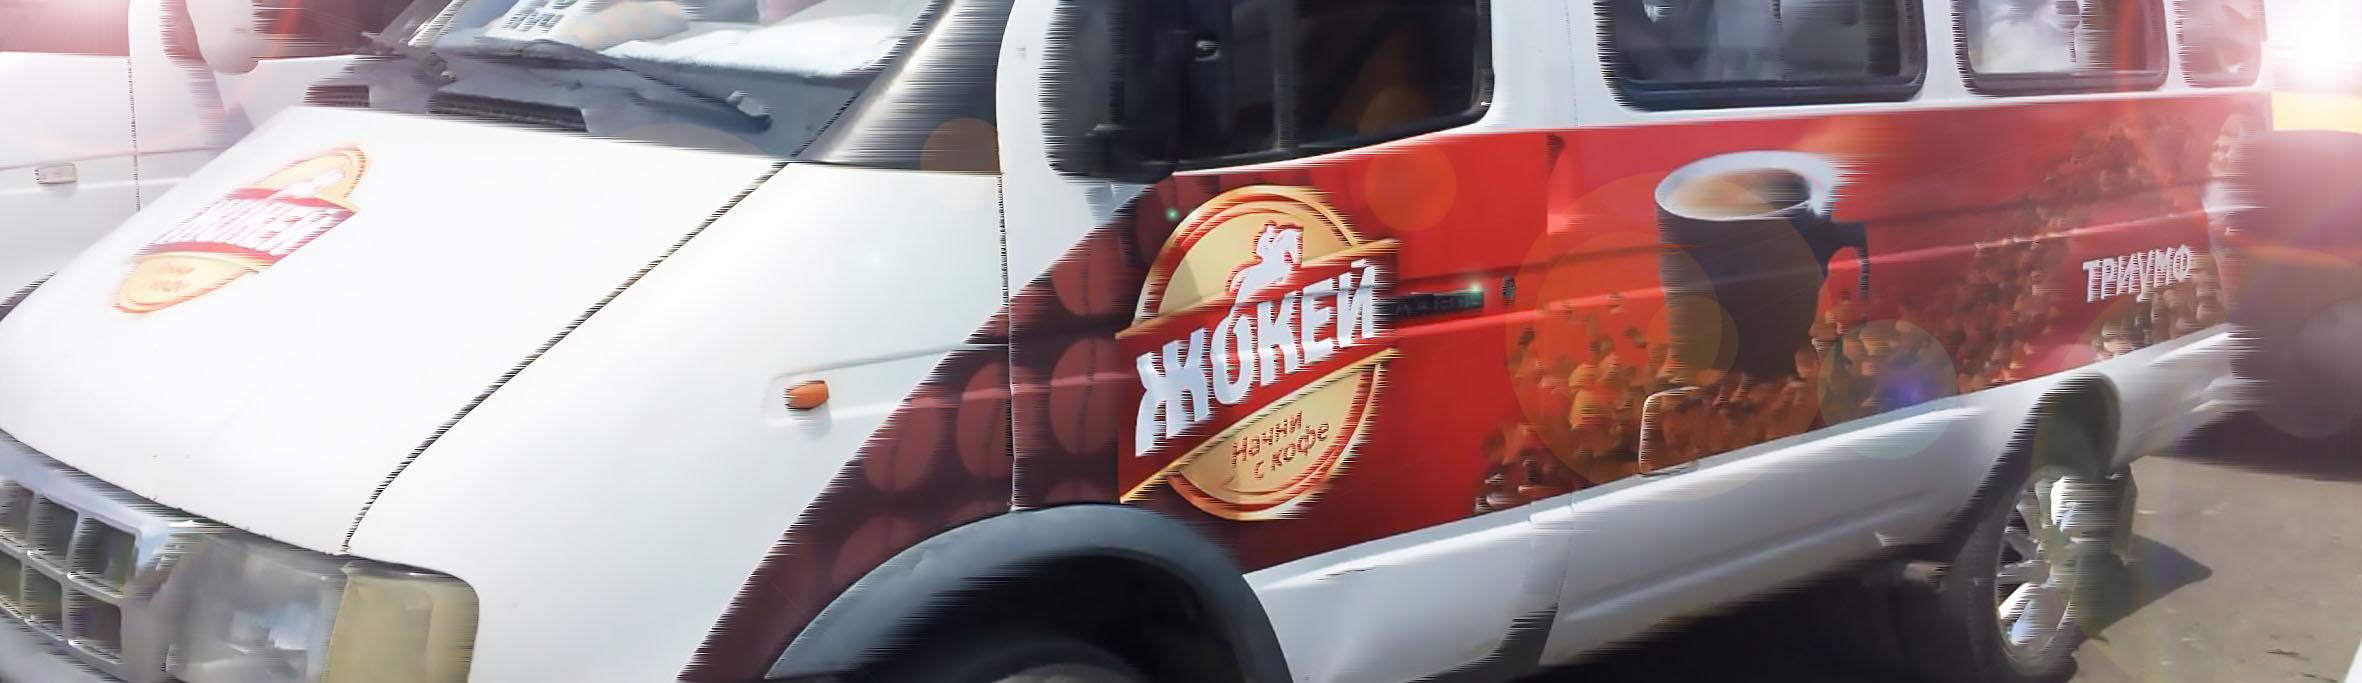 Размещение рекламы на транспорте Черкесск